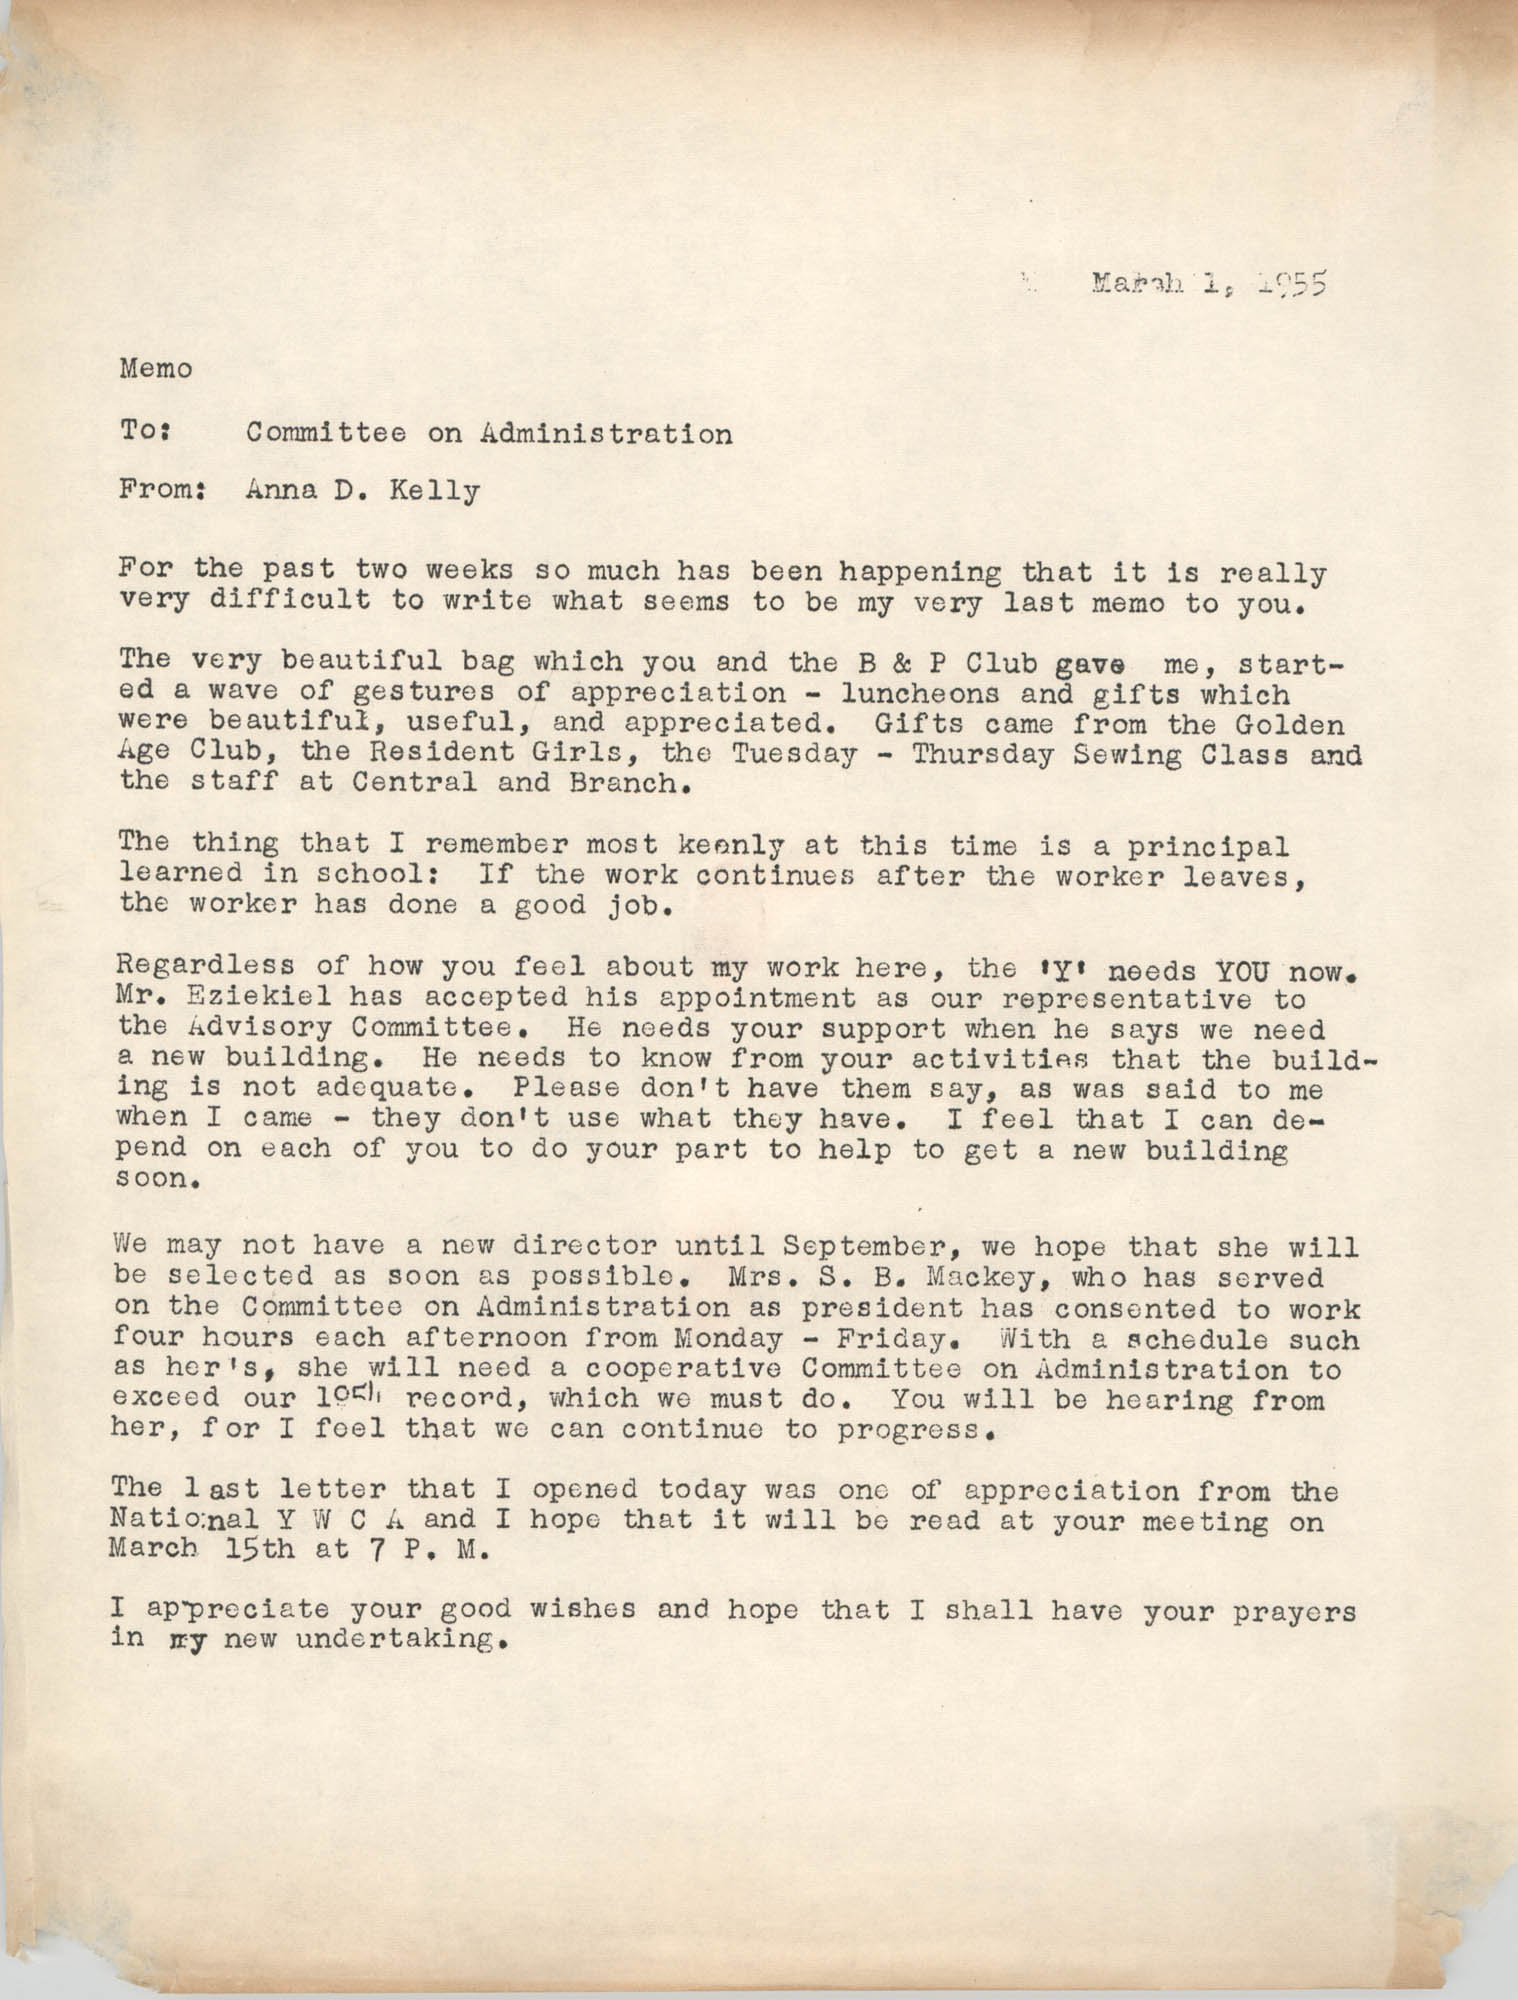 Coming Street Y.W.C.A. Memorandum, March 1, 1955